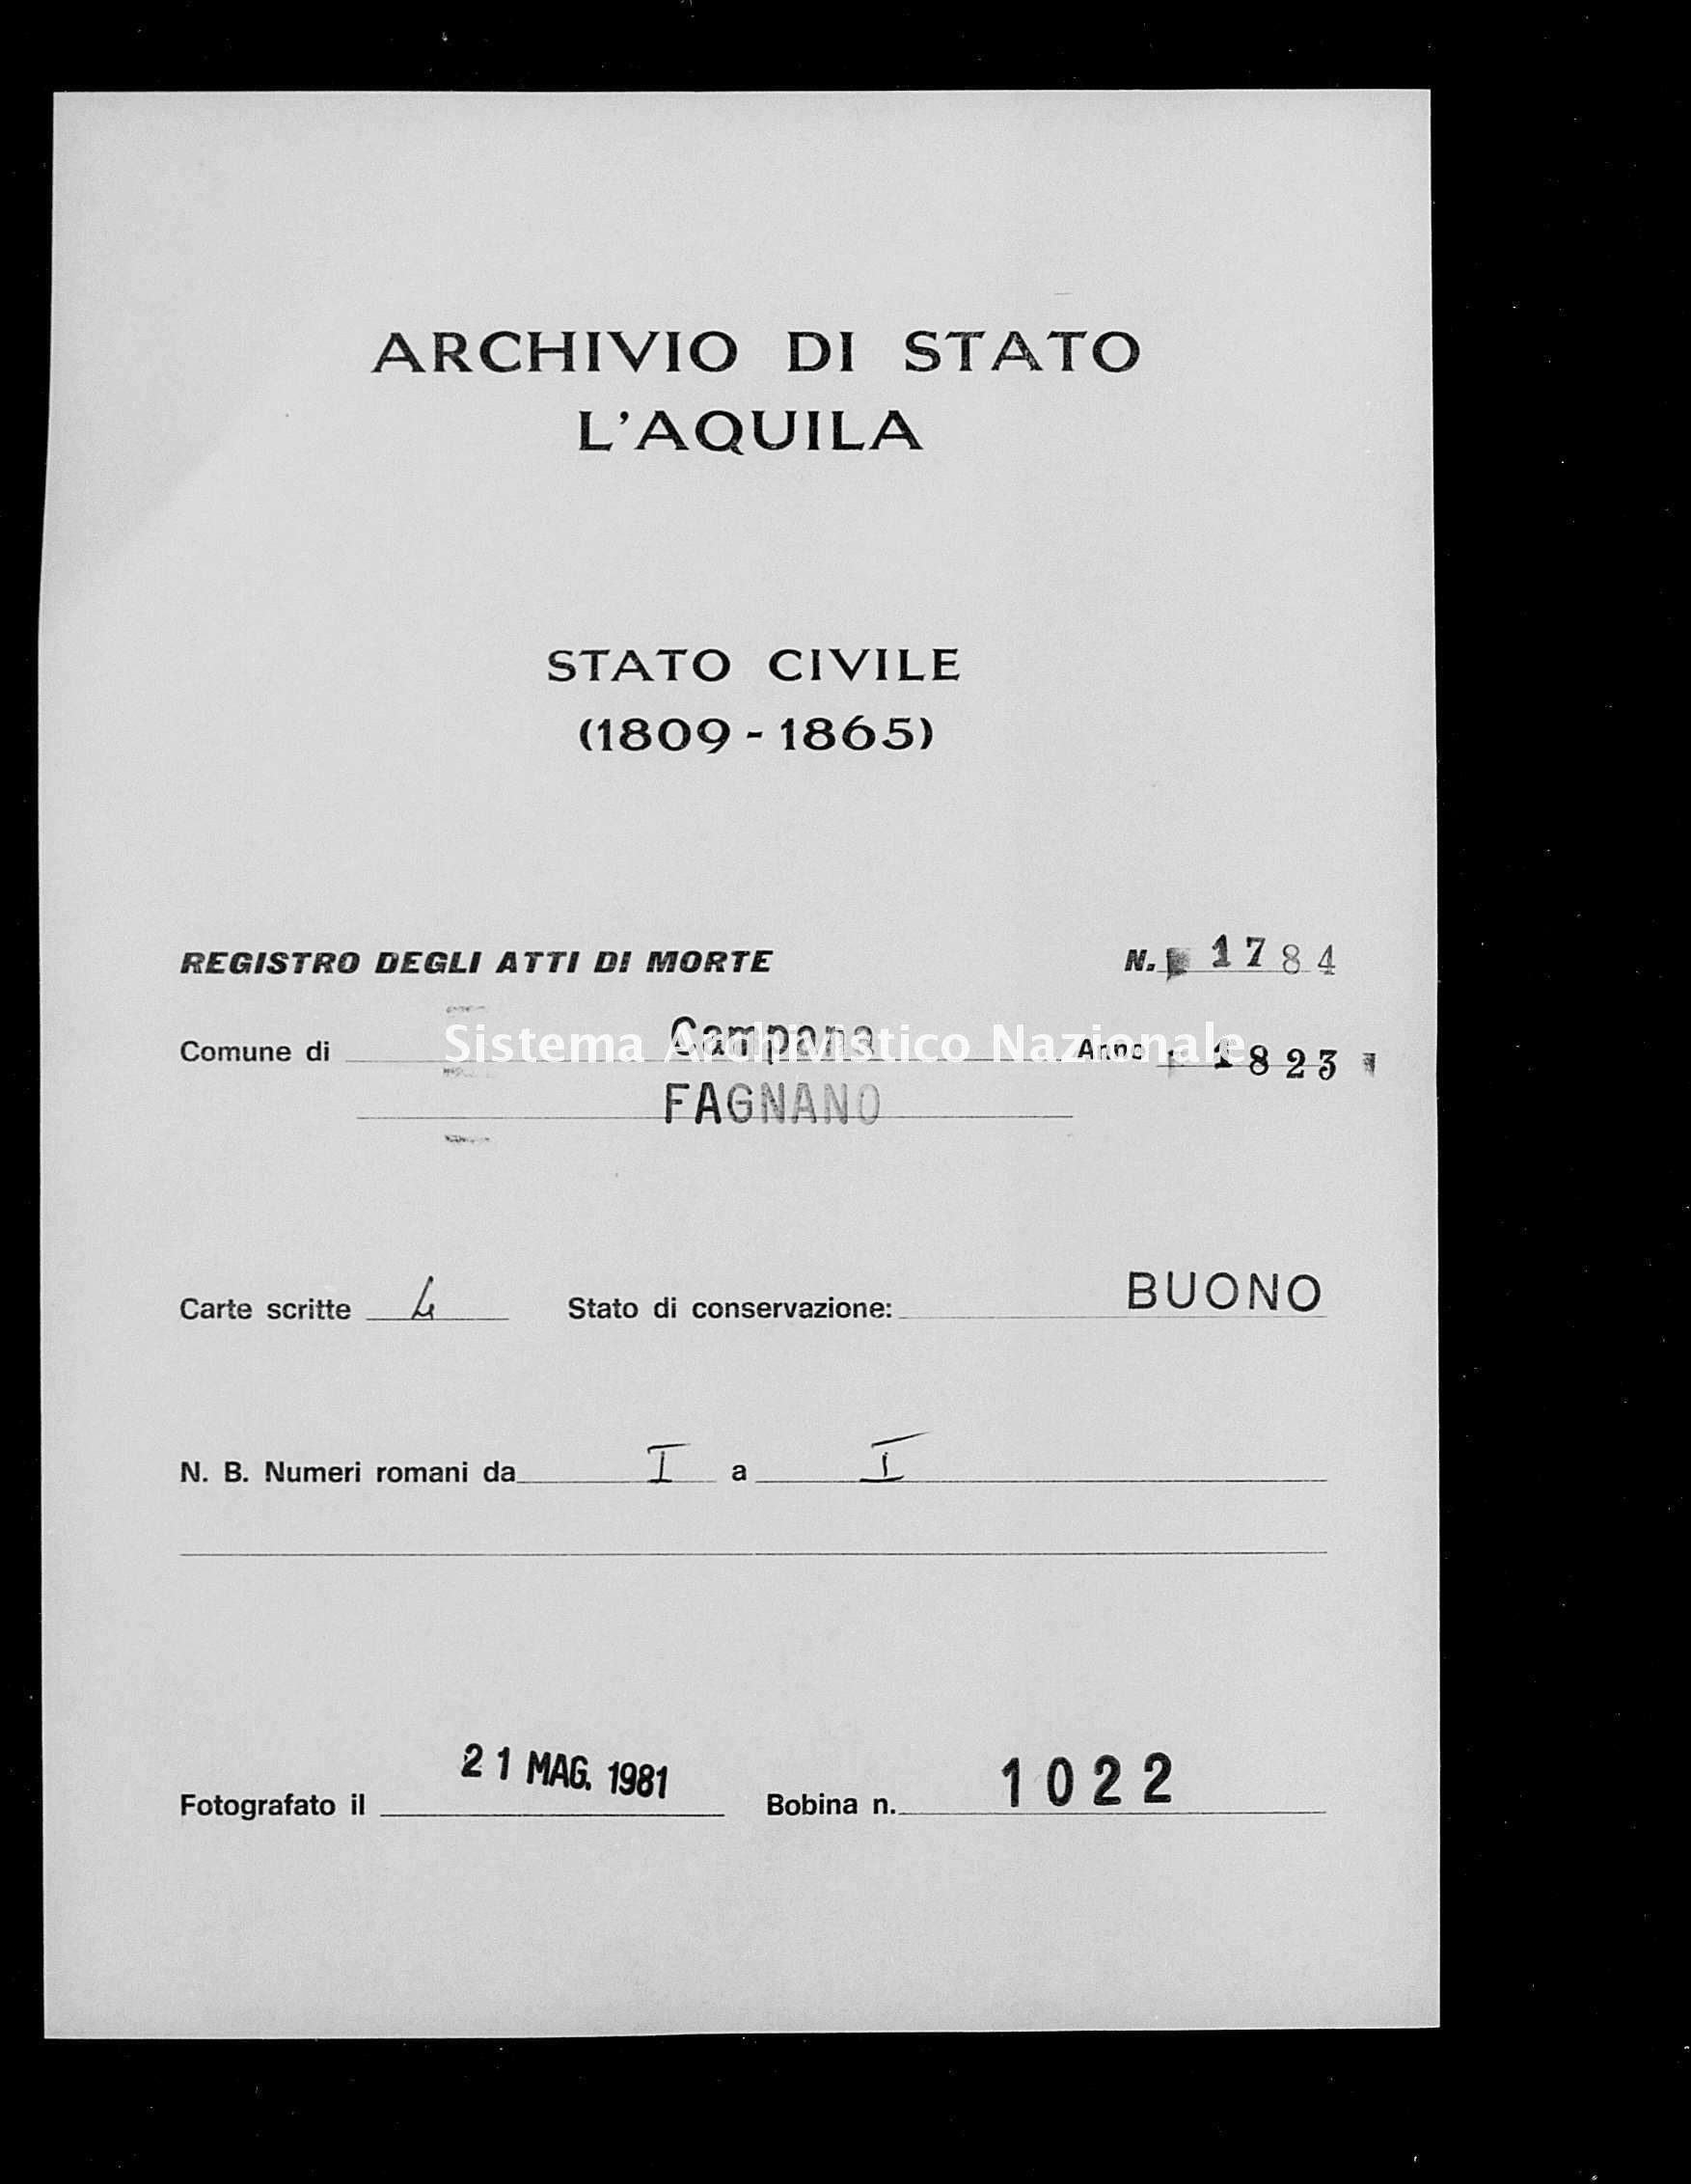 Archivio di stato di L'aquila - Stato civile della restaurazione - Campana - Morti - 1823 - 1784 -